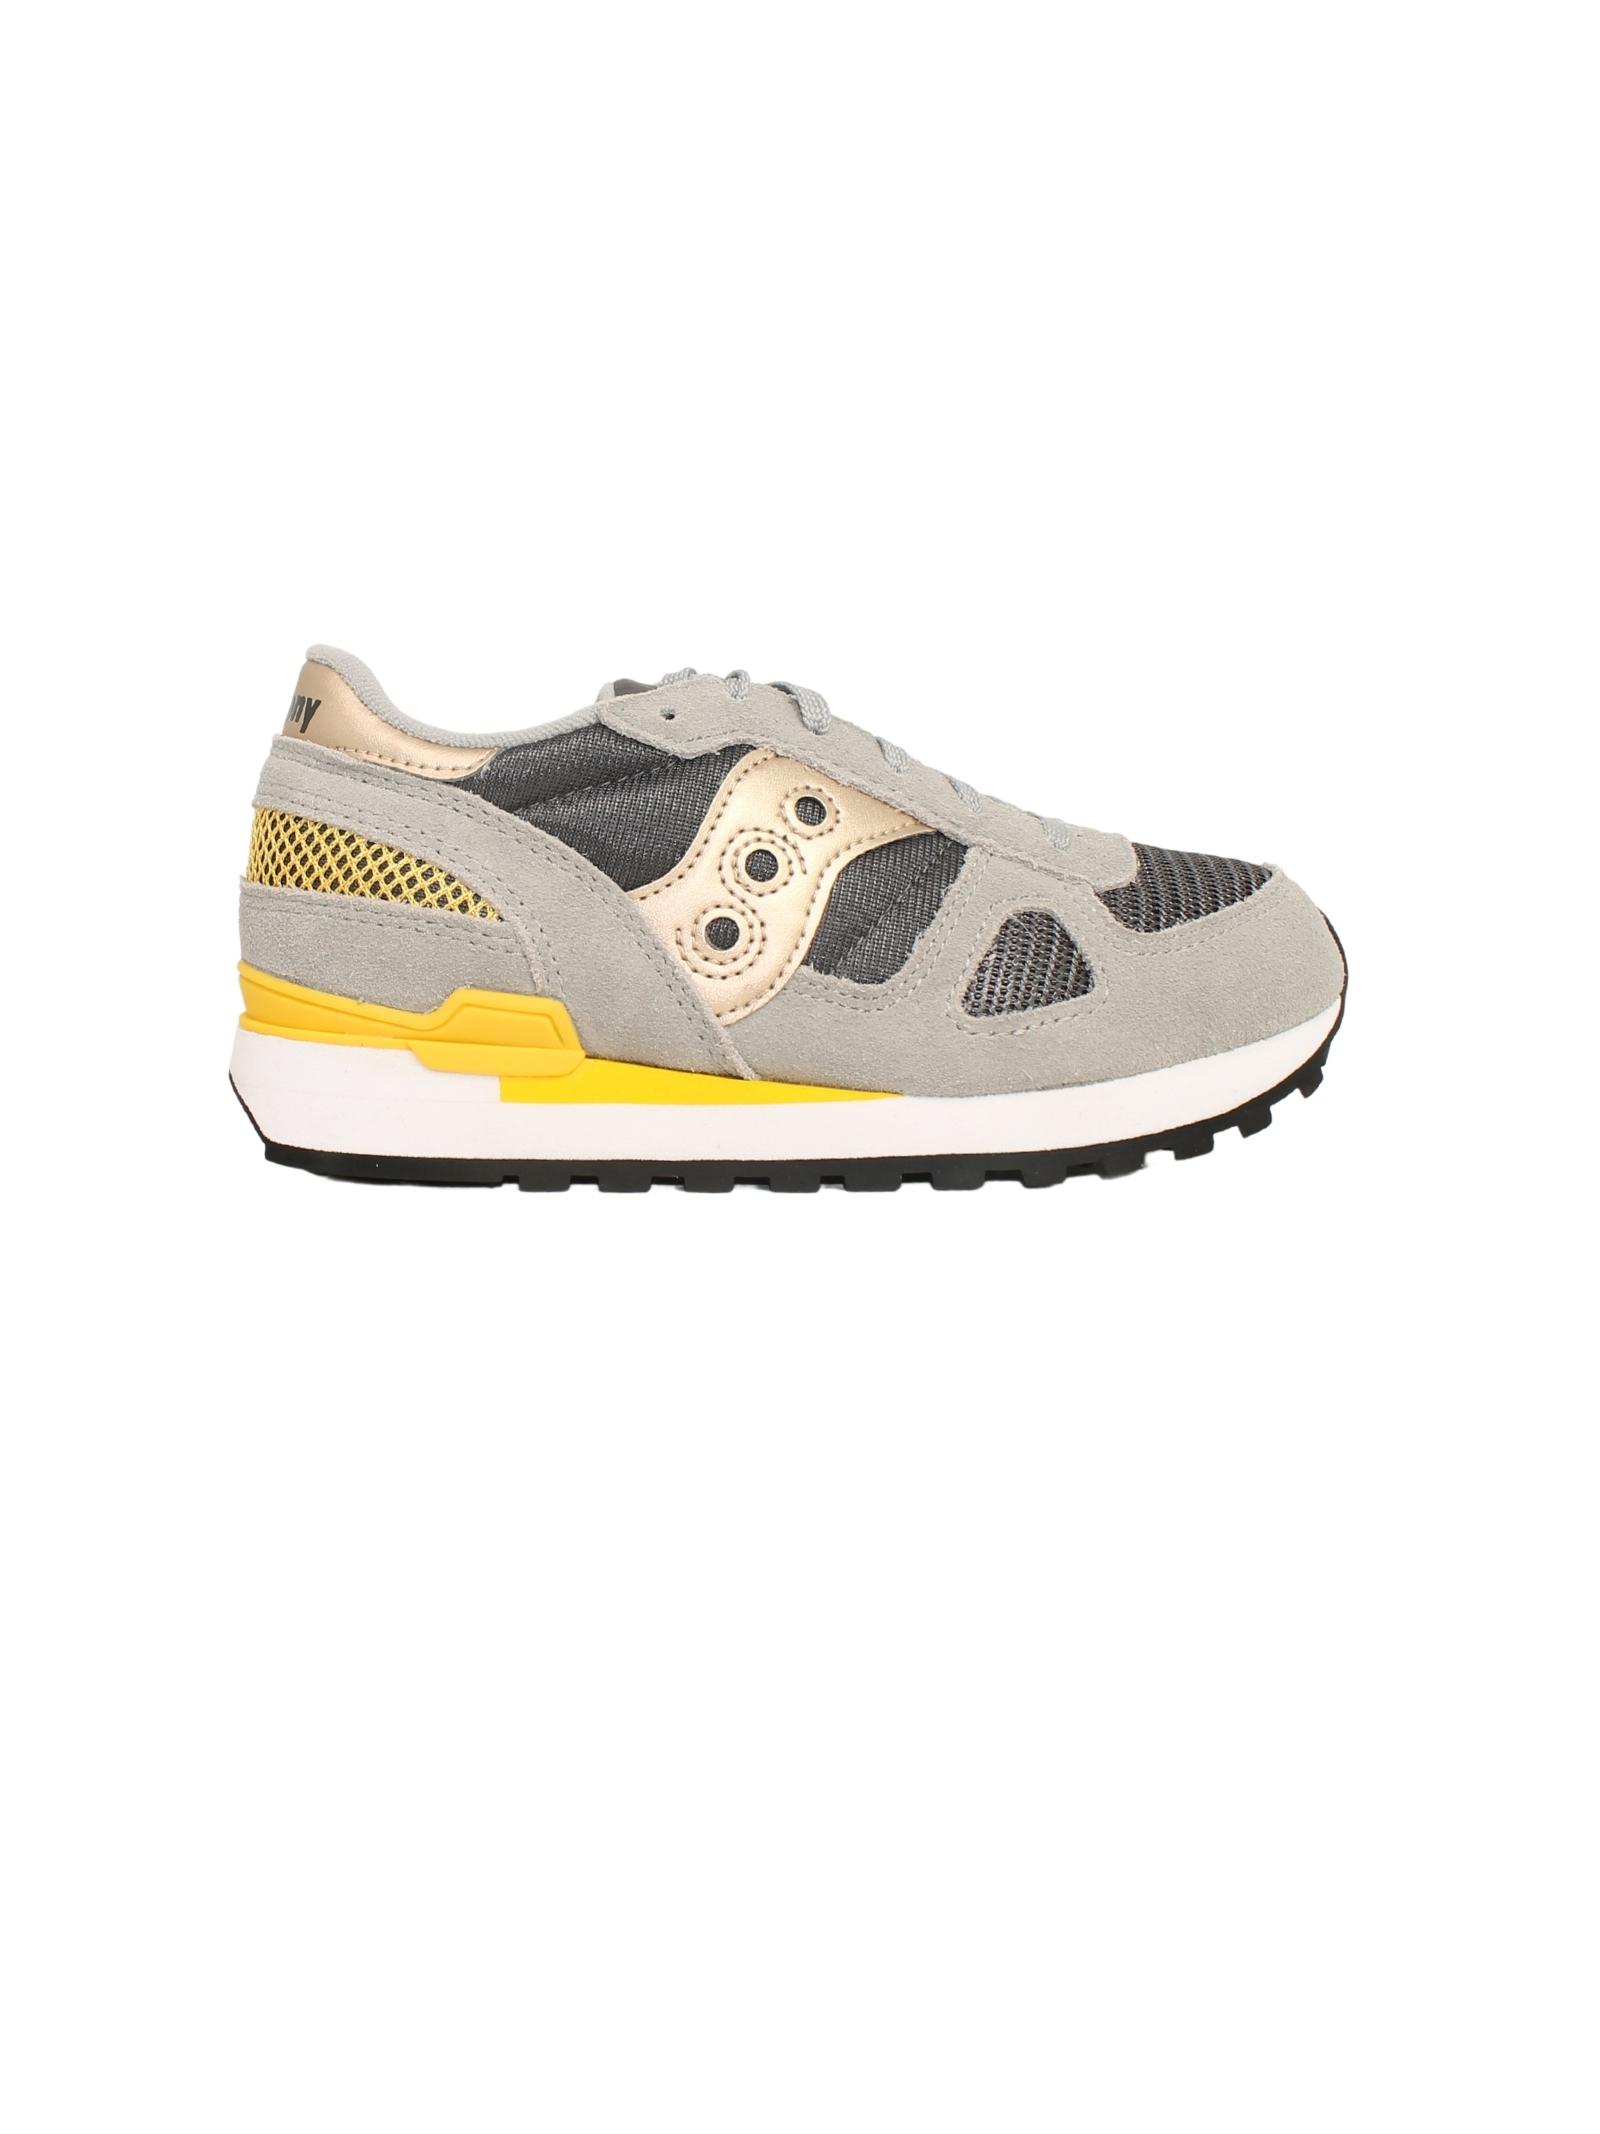 Shadow Original Sneakers Child SAUCONY KIDS | Sneakers | SK265168GREY/YELLOW